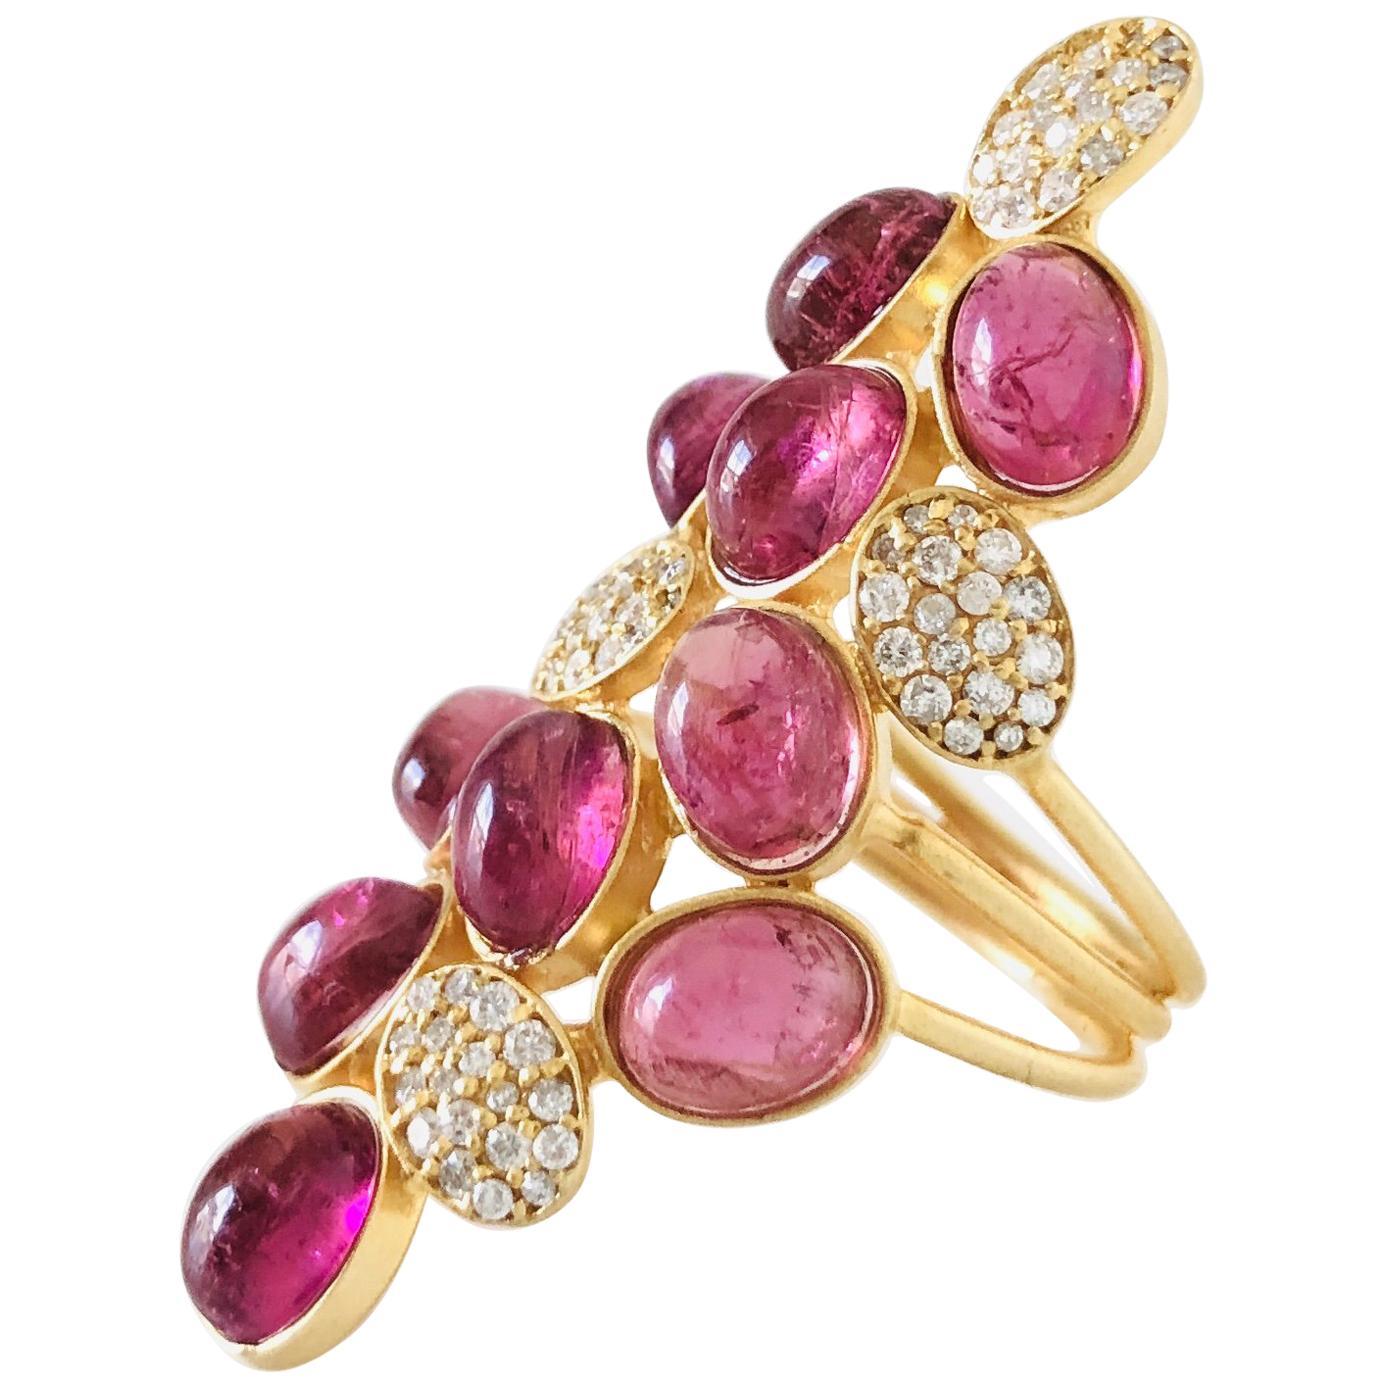 11.51 Carat Pink Tourmaline Diamond Cocktail Statement Ring by Lauren Harper